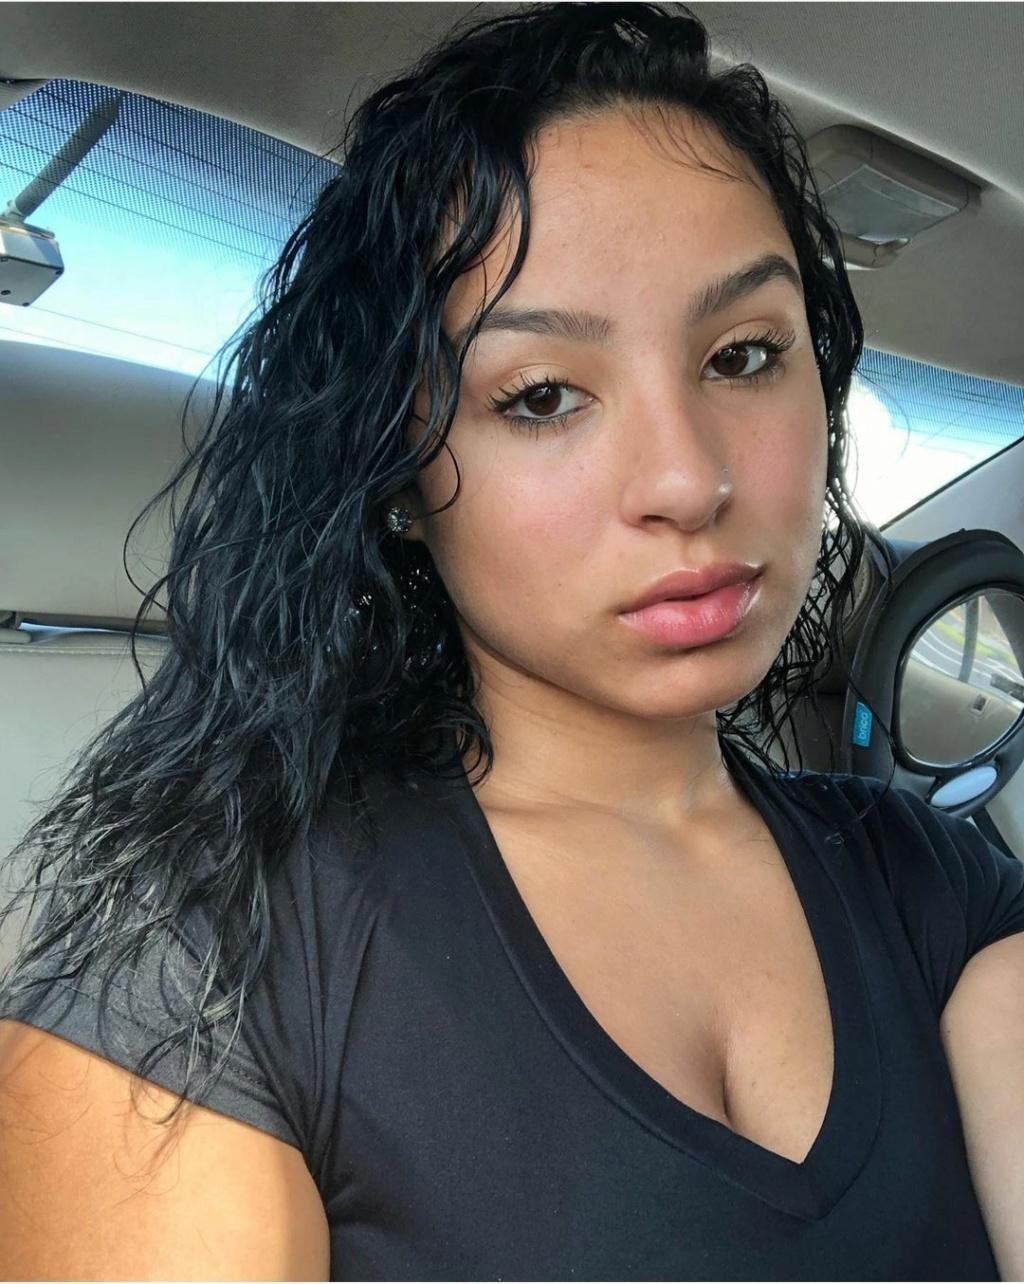 DEBATE sobre belleza, guapura y hermosura (fotos de chicas latinas, mestizas, y de todo) - VOL II - Página 7 Img_2763